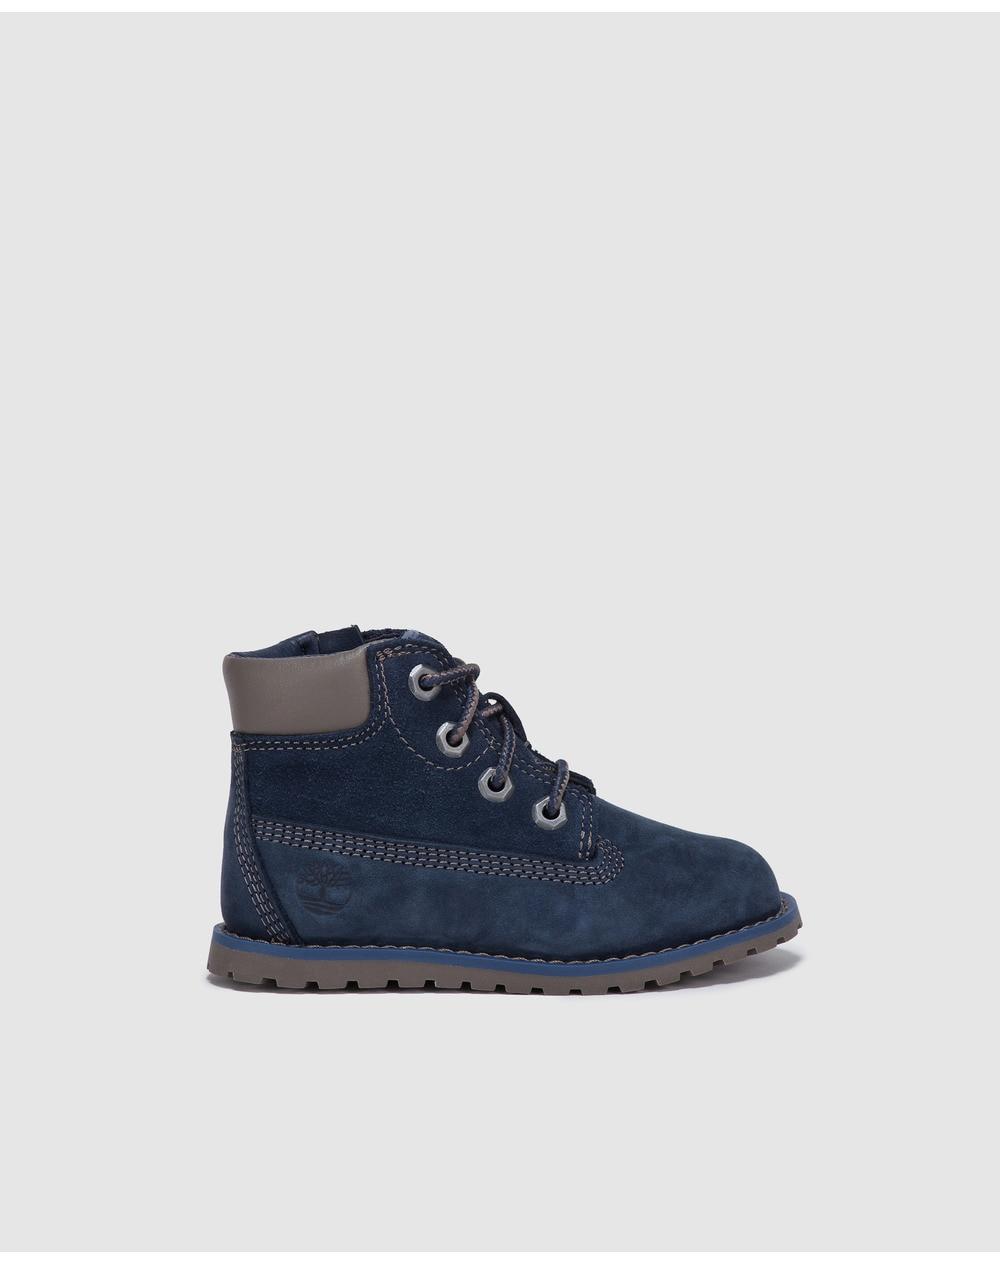 Boots bébé garçon Timberland bleues à double velcro